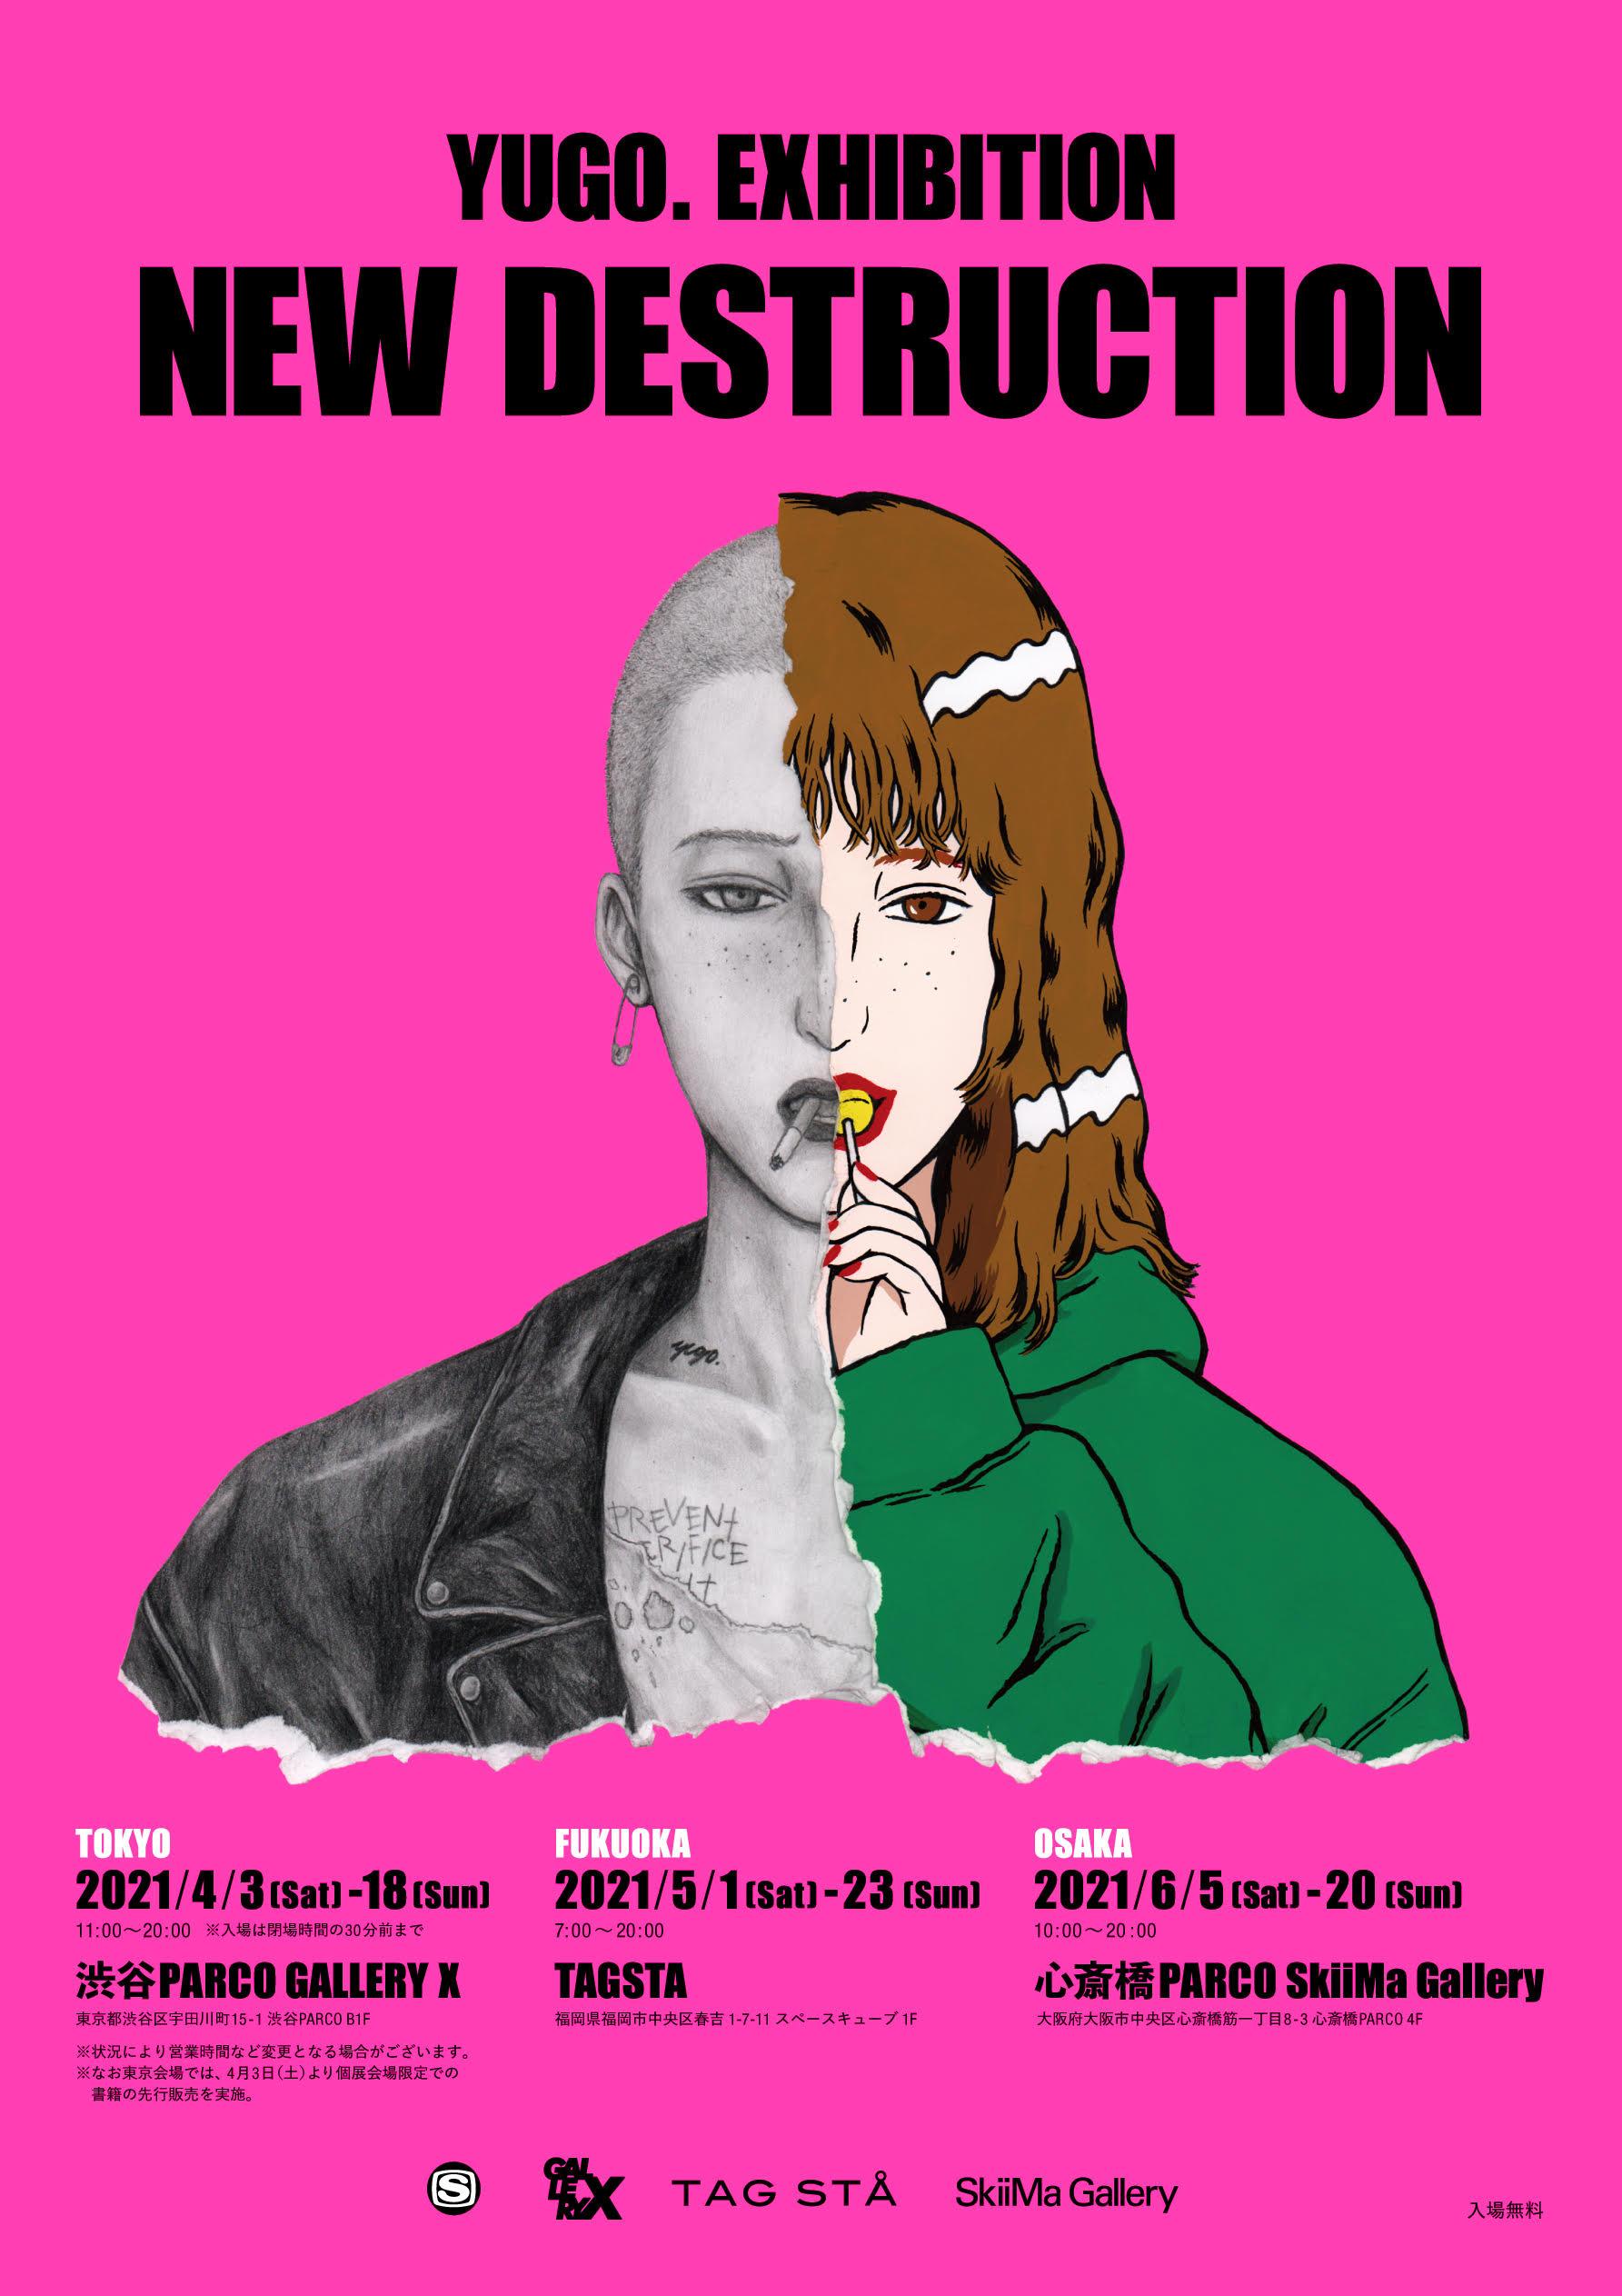 音楽・ファッションの業界を中心に今最も注目されているイラストレーター・YUGO.の個展「NEW DESTRUCTION」渋谷パルコで開催!